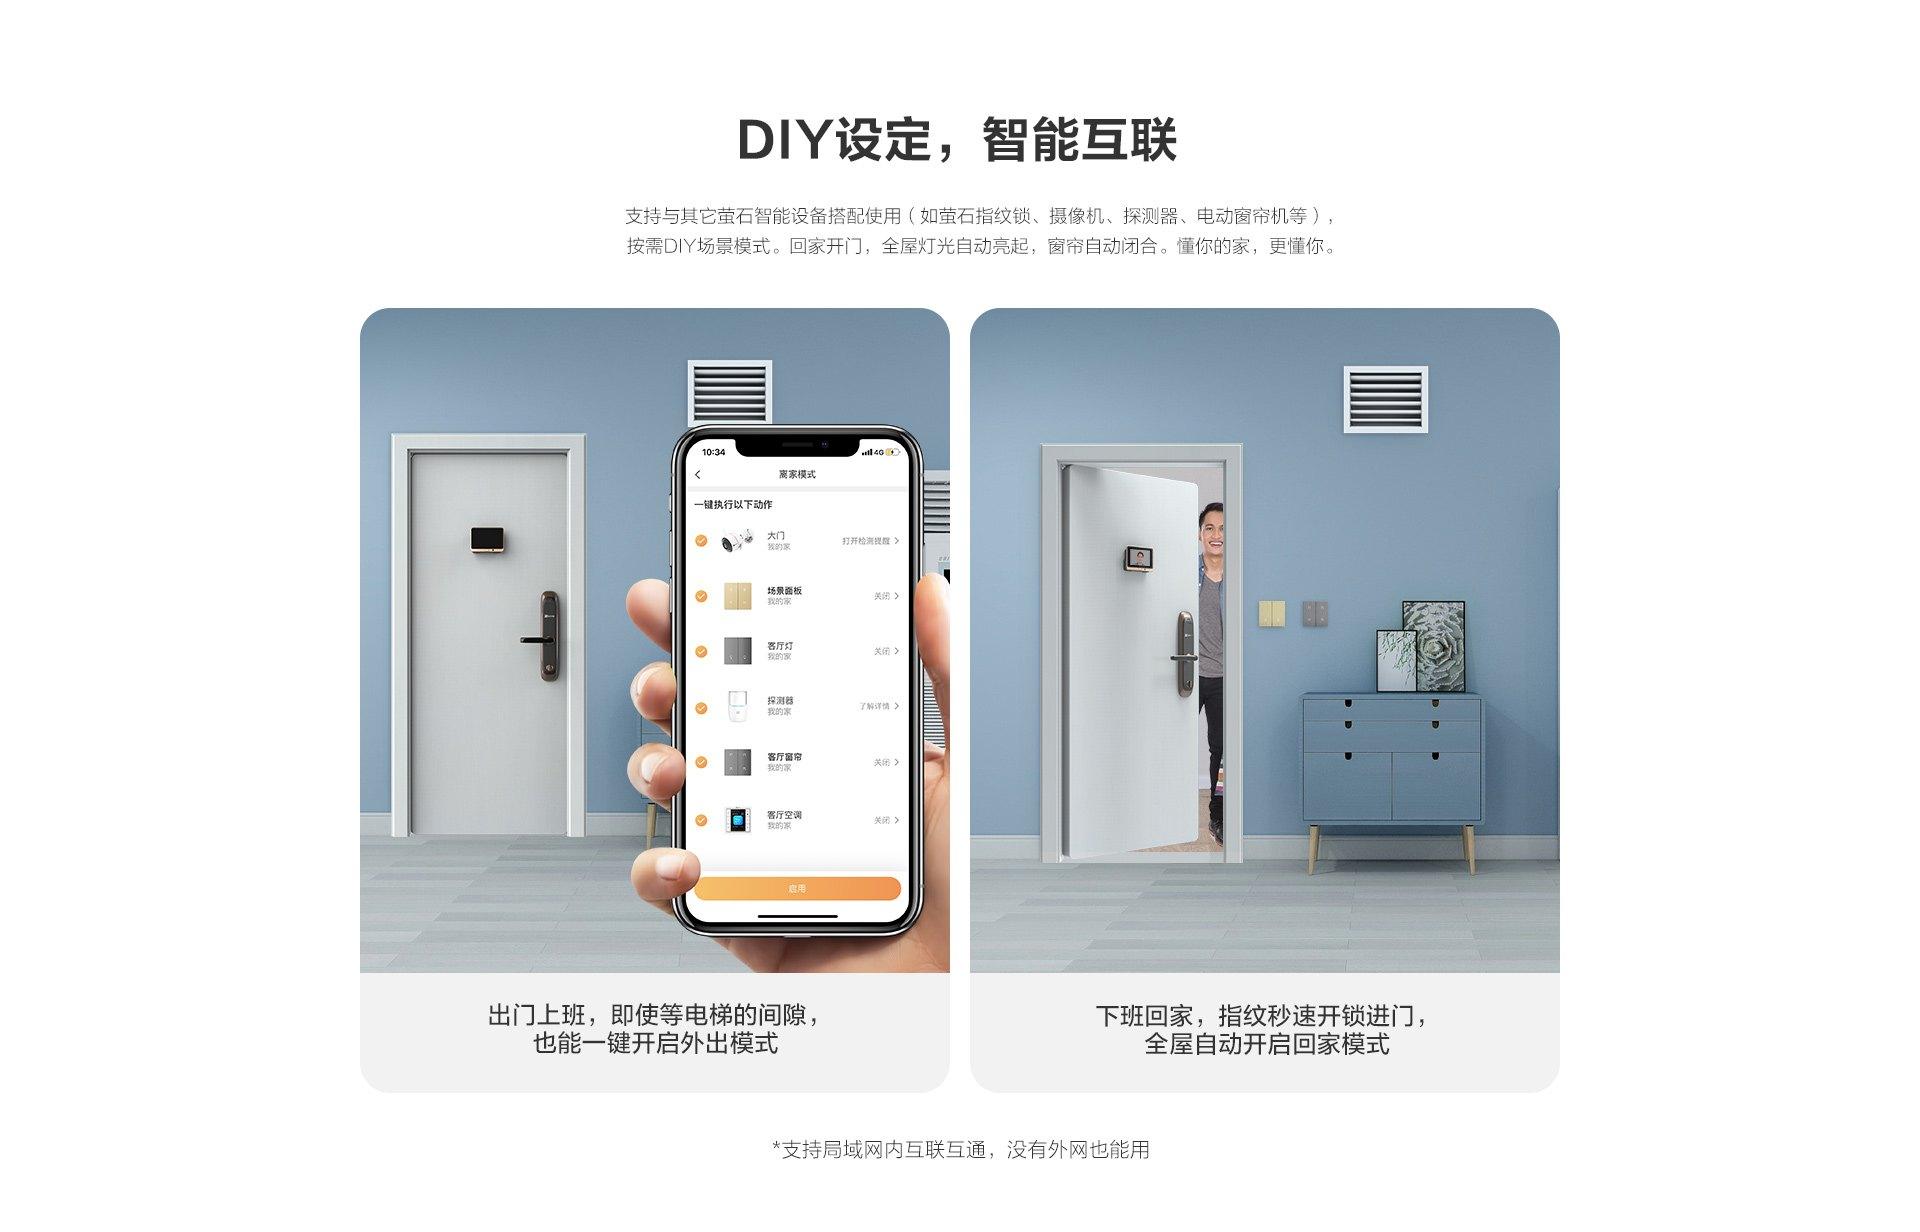 DIY设定,智能互联